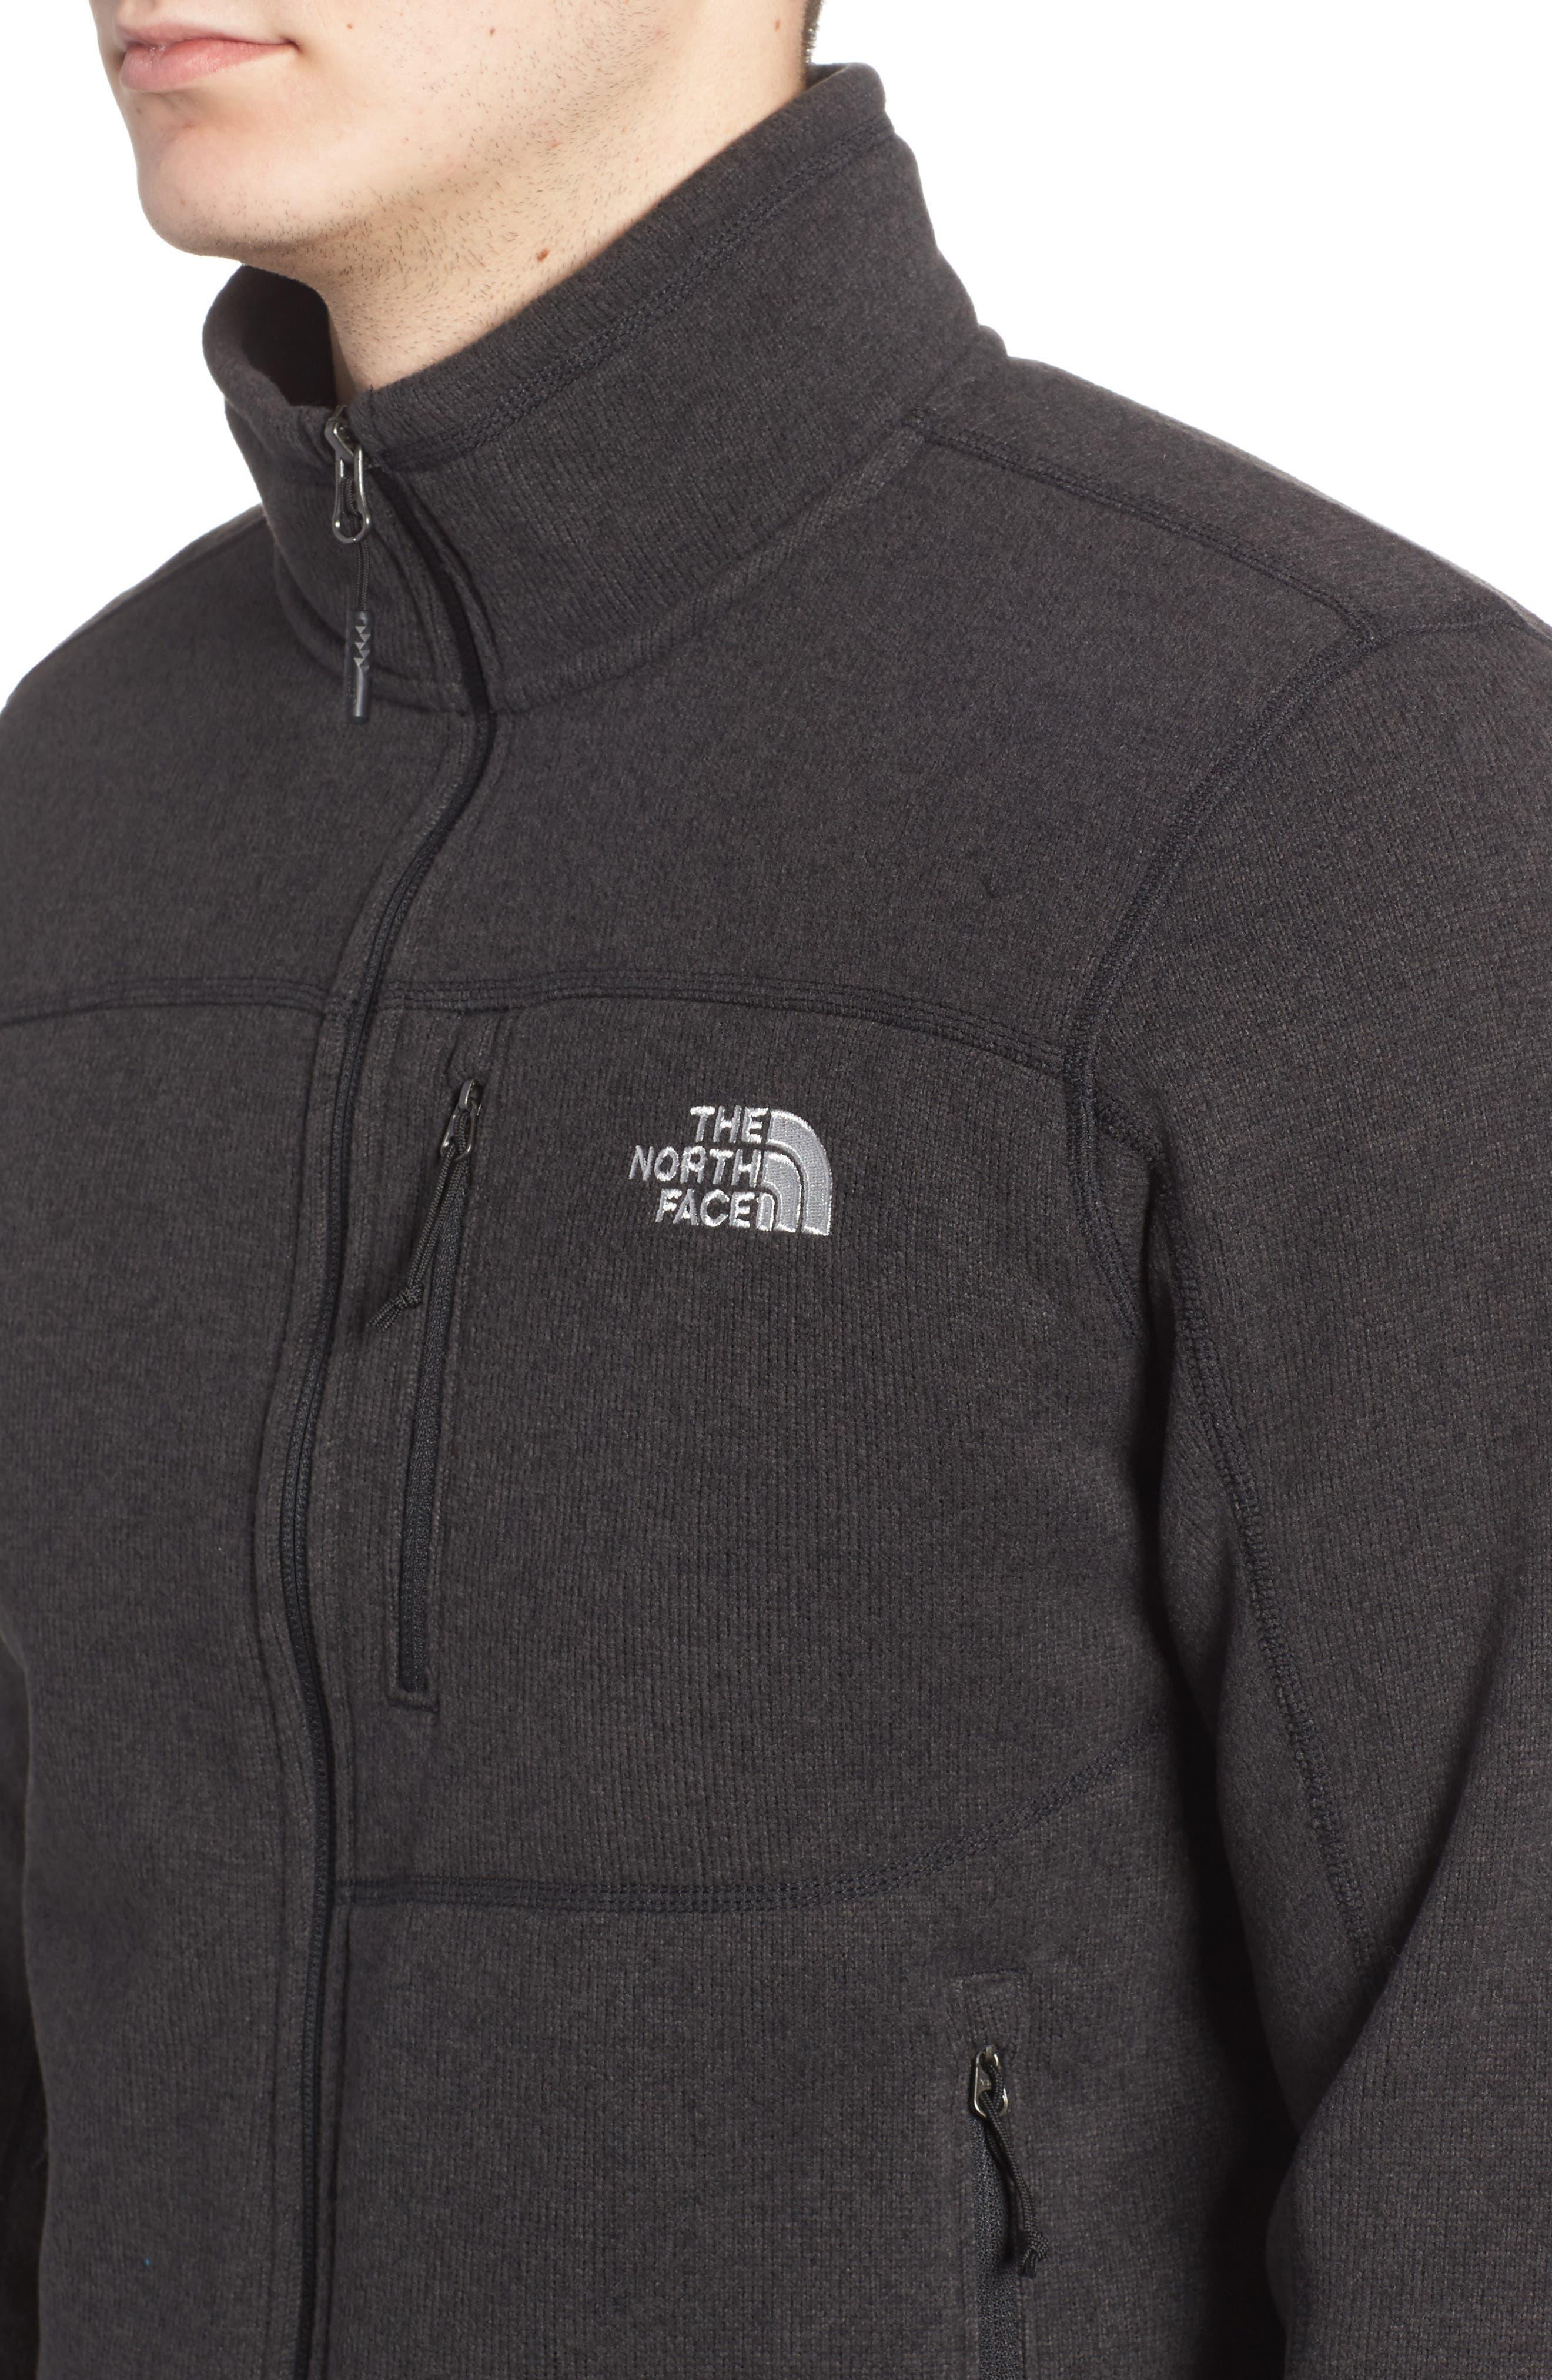 'Gordon Lyons' Zip Fleece Jacket,                             Alternate thumbnail 4, color,                             BLACK HEATHER